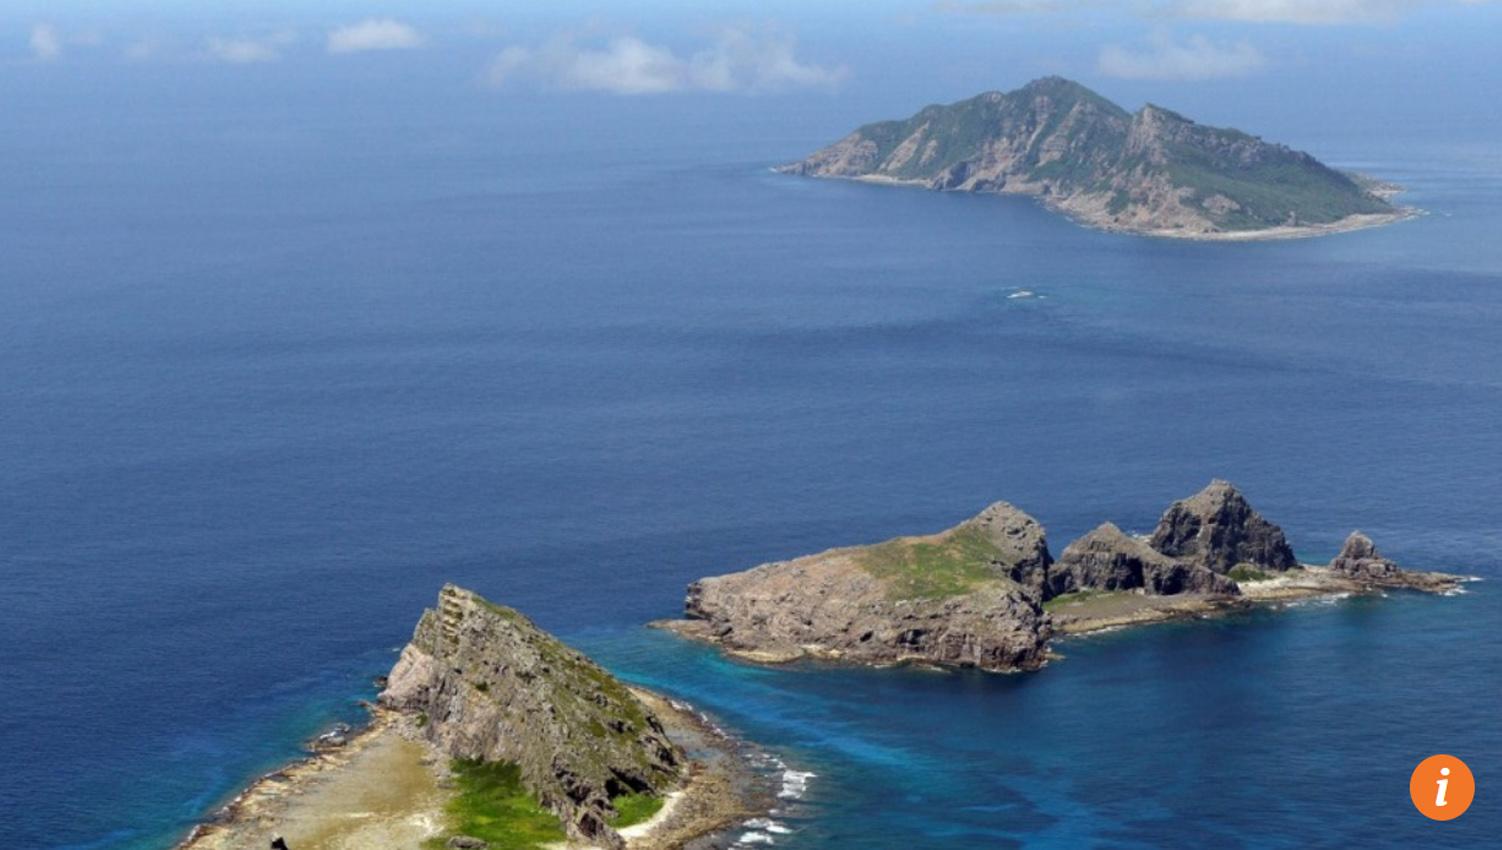 Trung Cộng bênh vực hoạt động thăm dò dầu khí ở biển Hoa Đông tranh chấp với Nhật